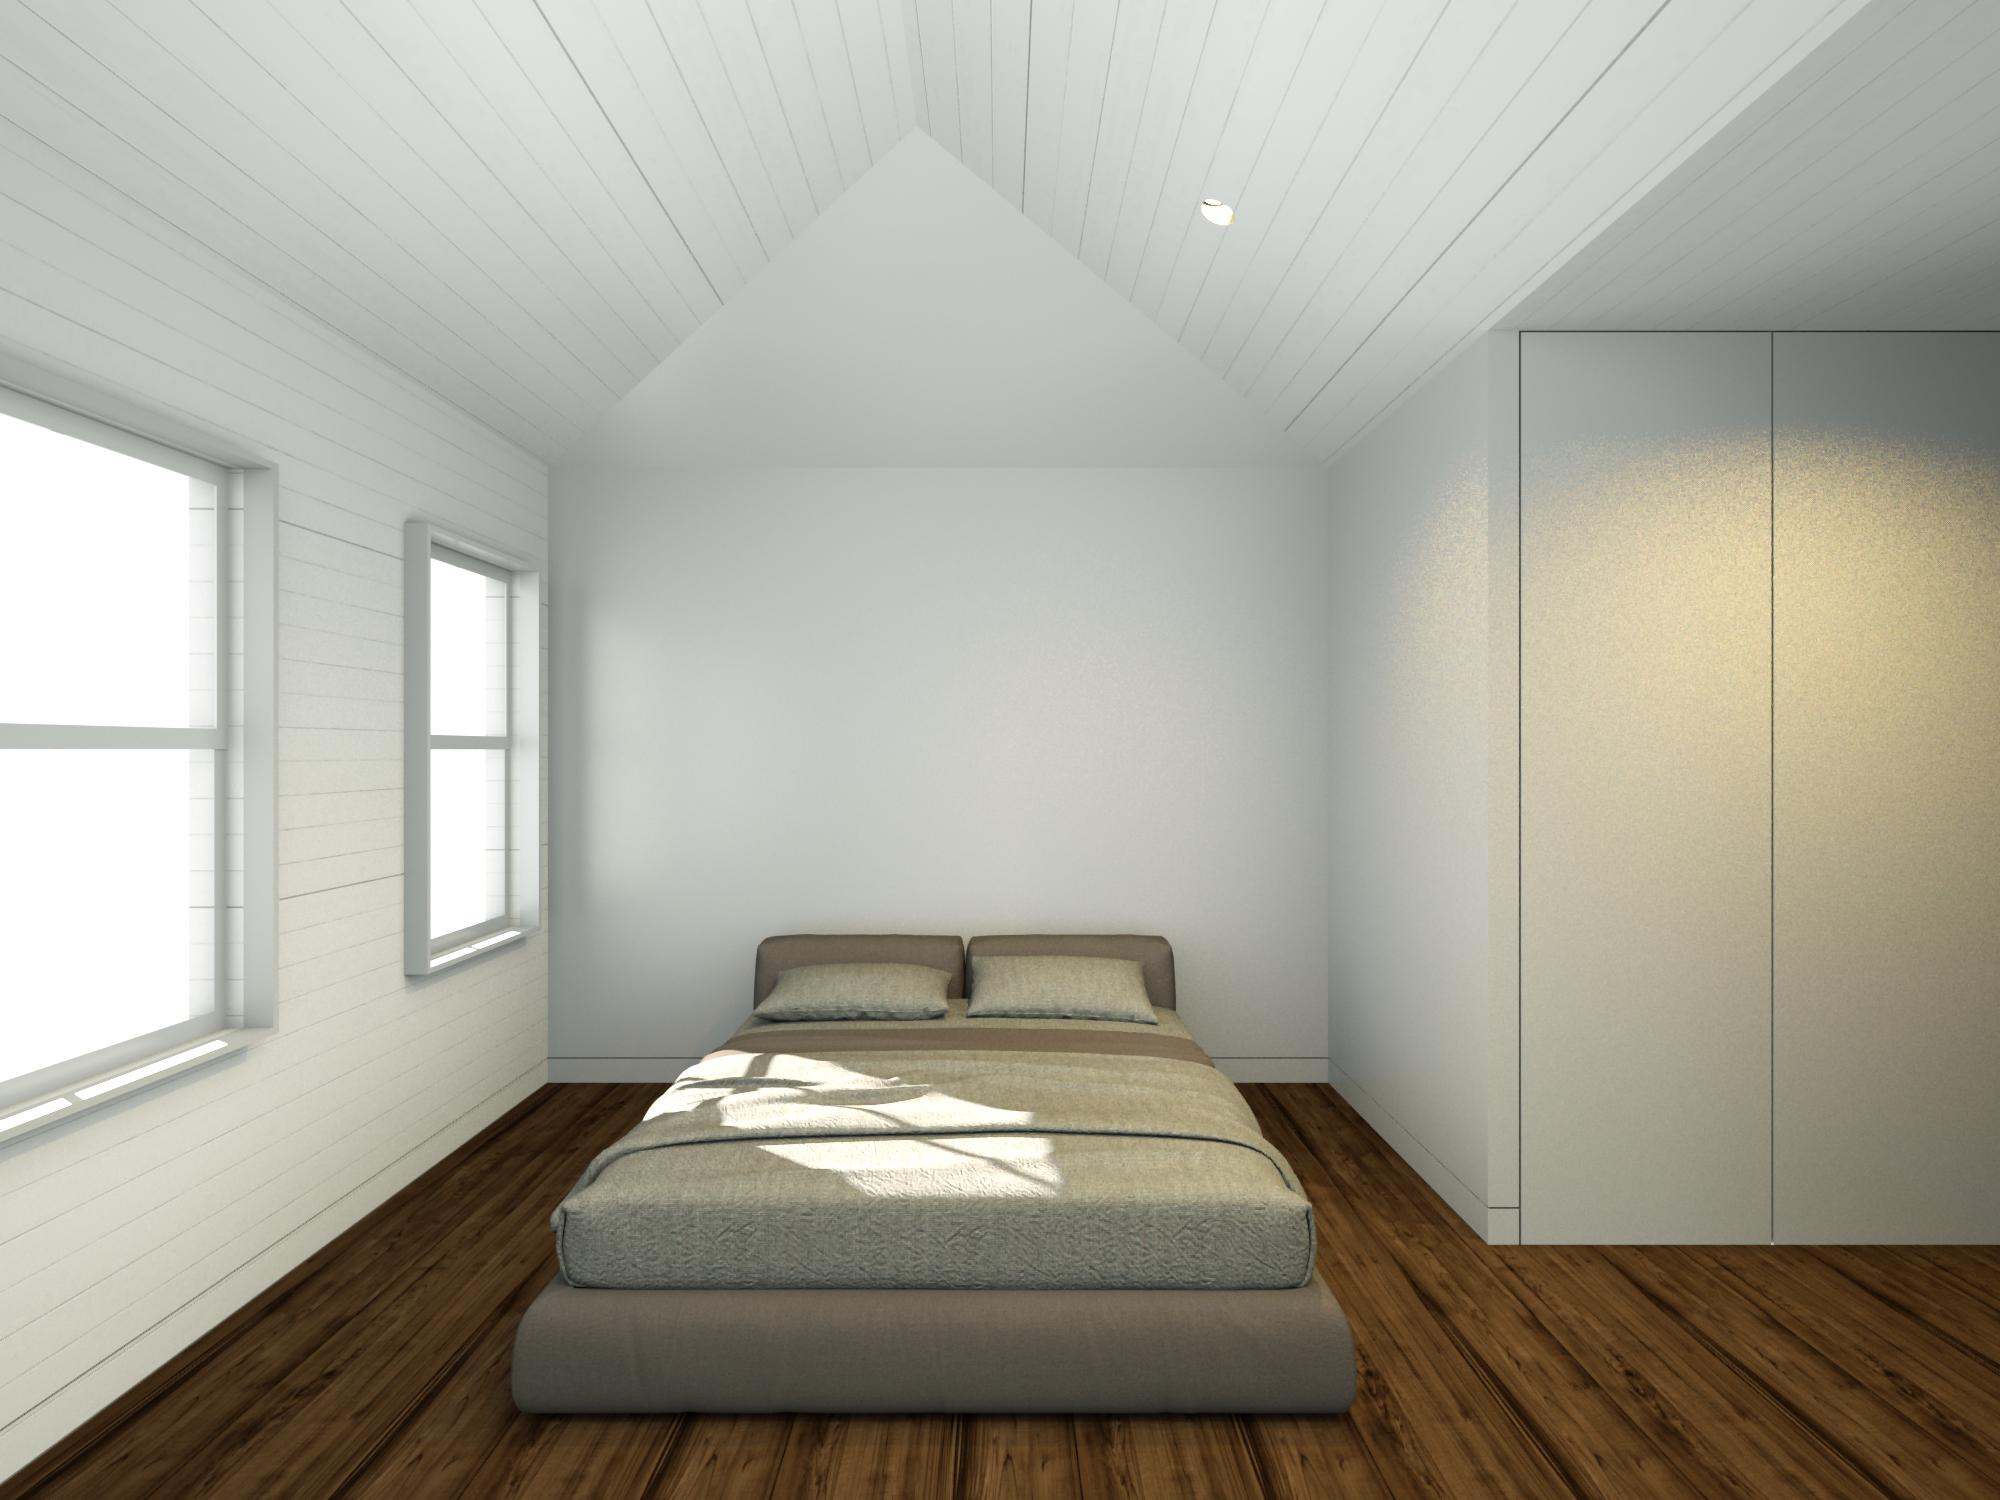 bedroom 02.png